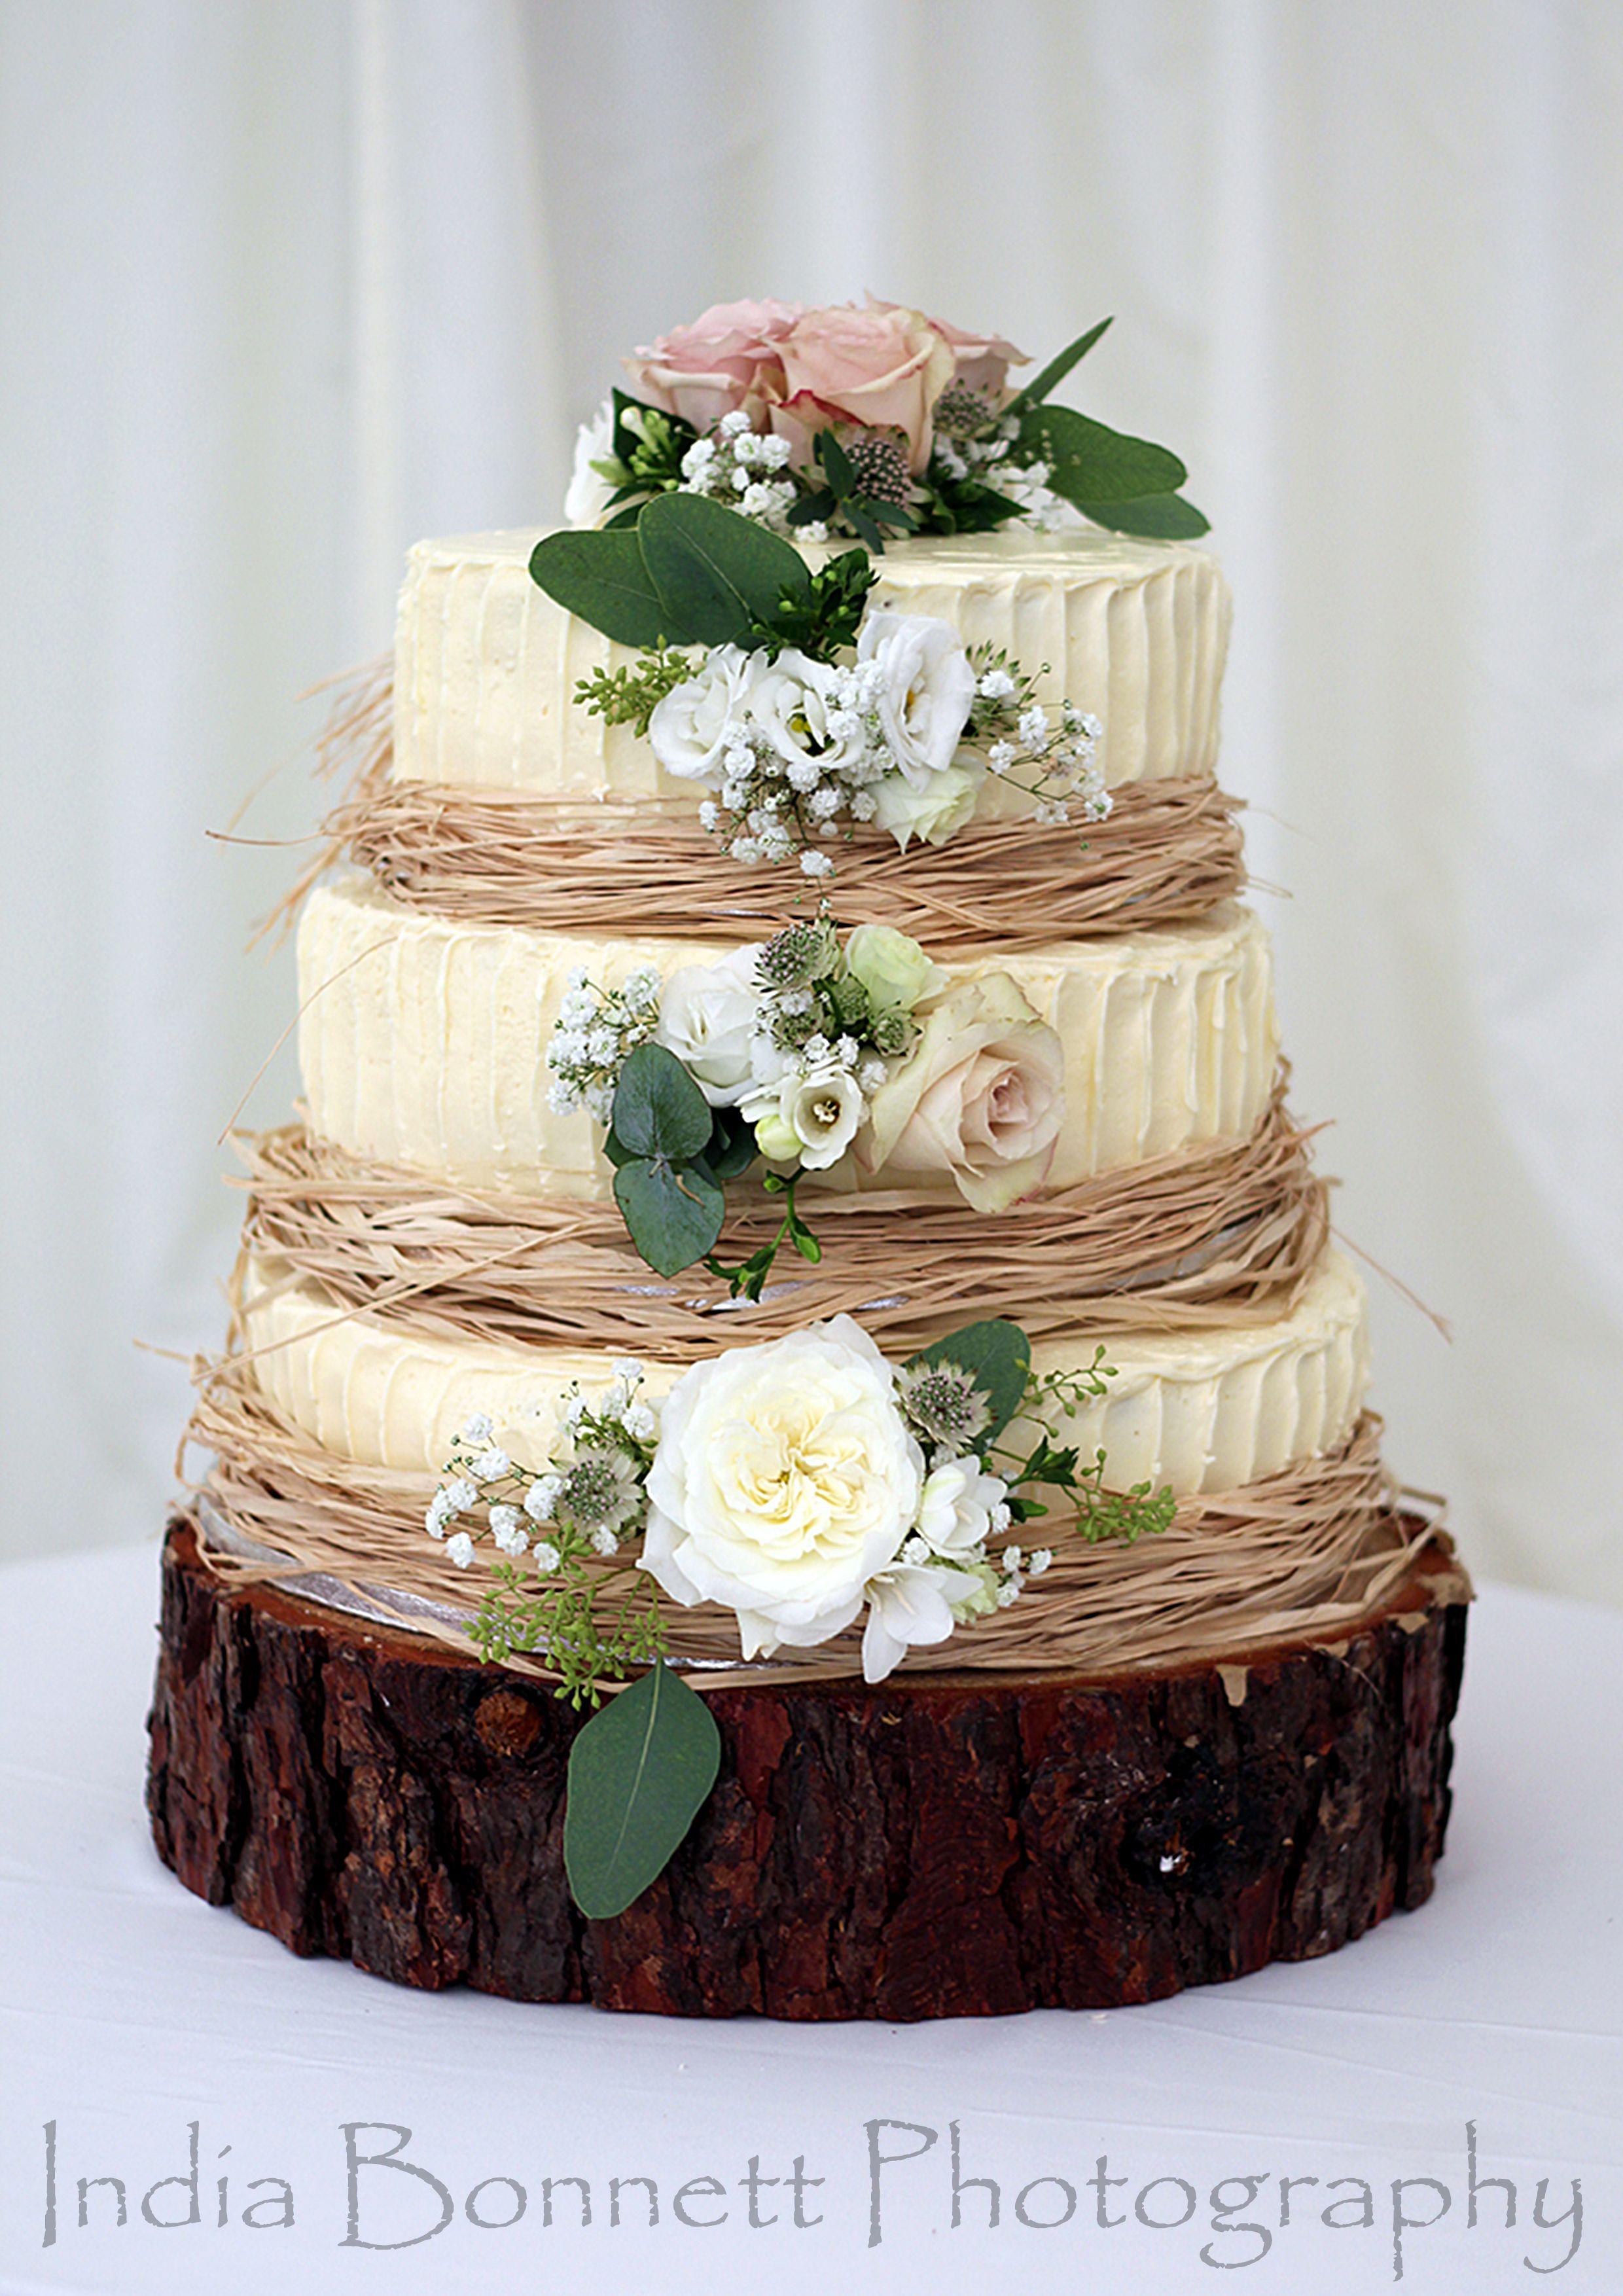 Indiabonnettphotography Weddingcake Homemade Wedding Wedding